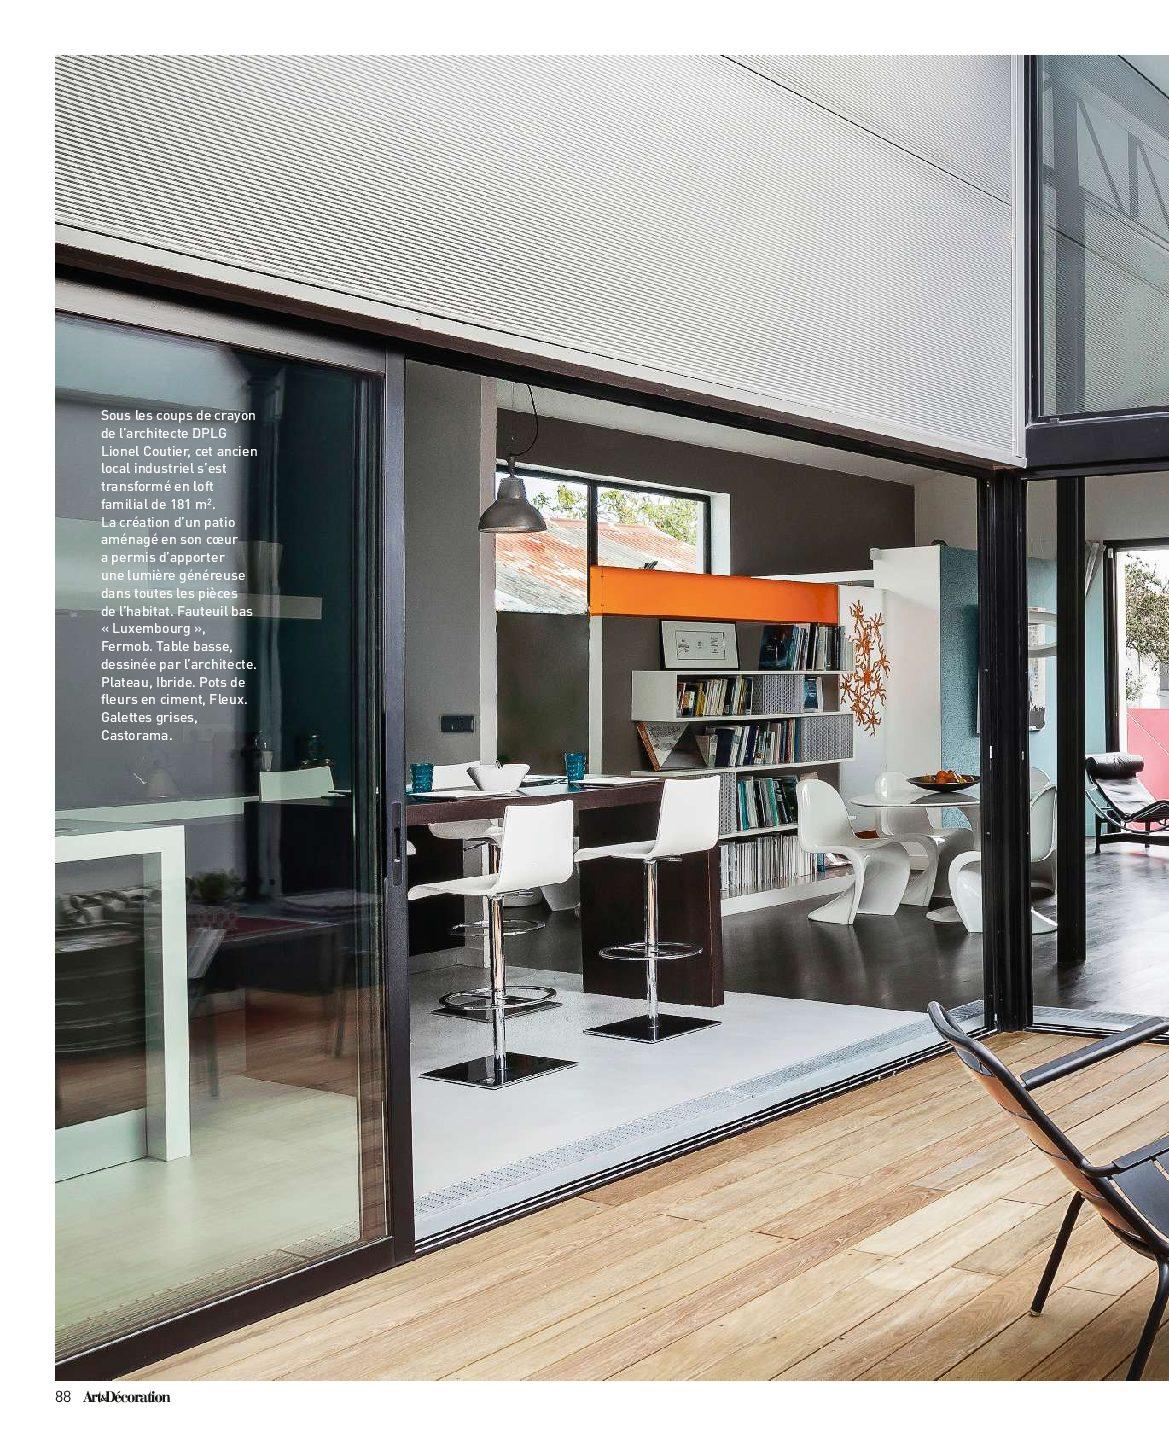 Architecte Interieur La Rochelle on parle de nous - lionel coutier architecte agence la rochelle